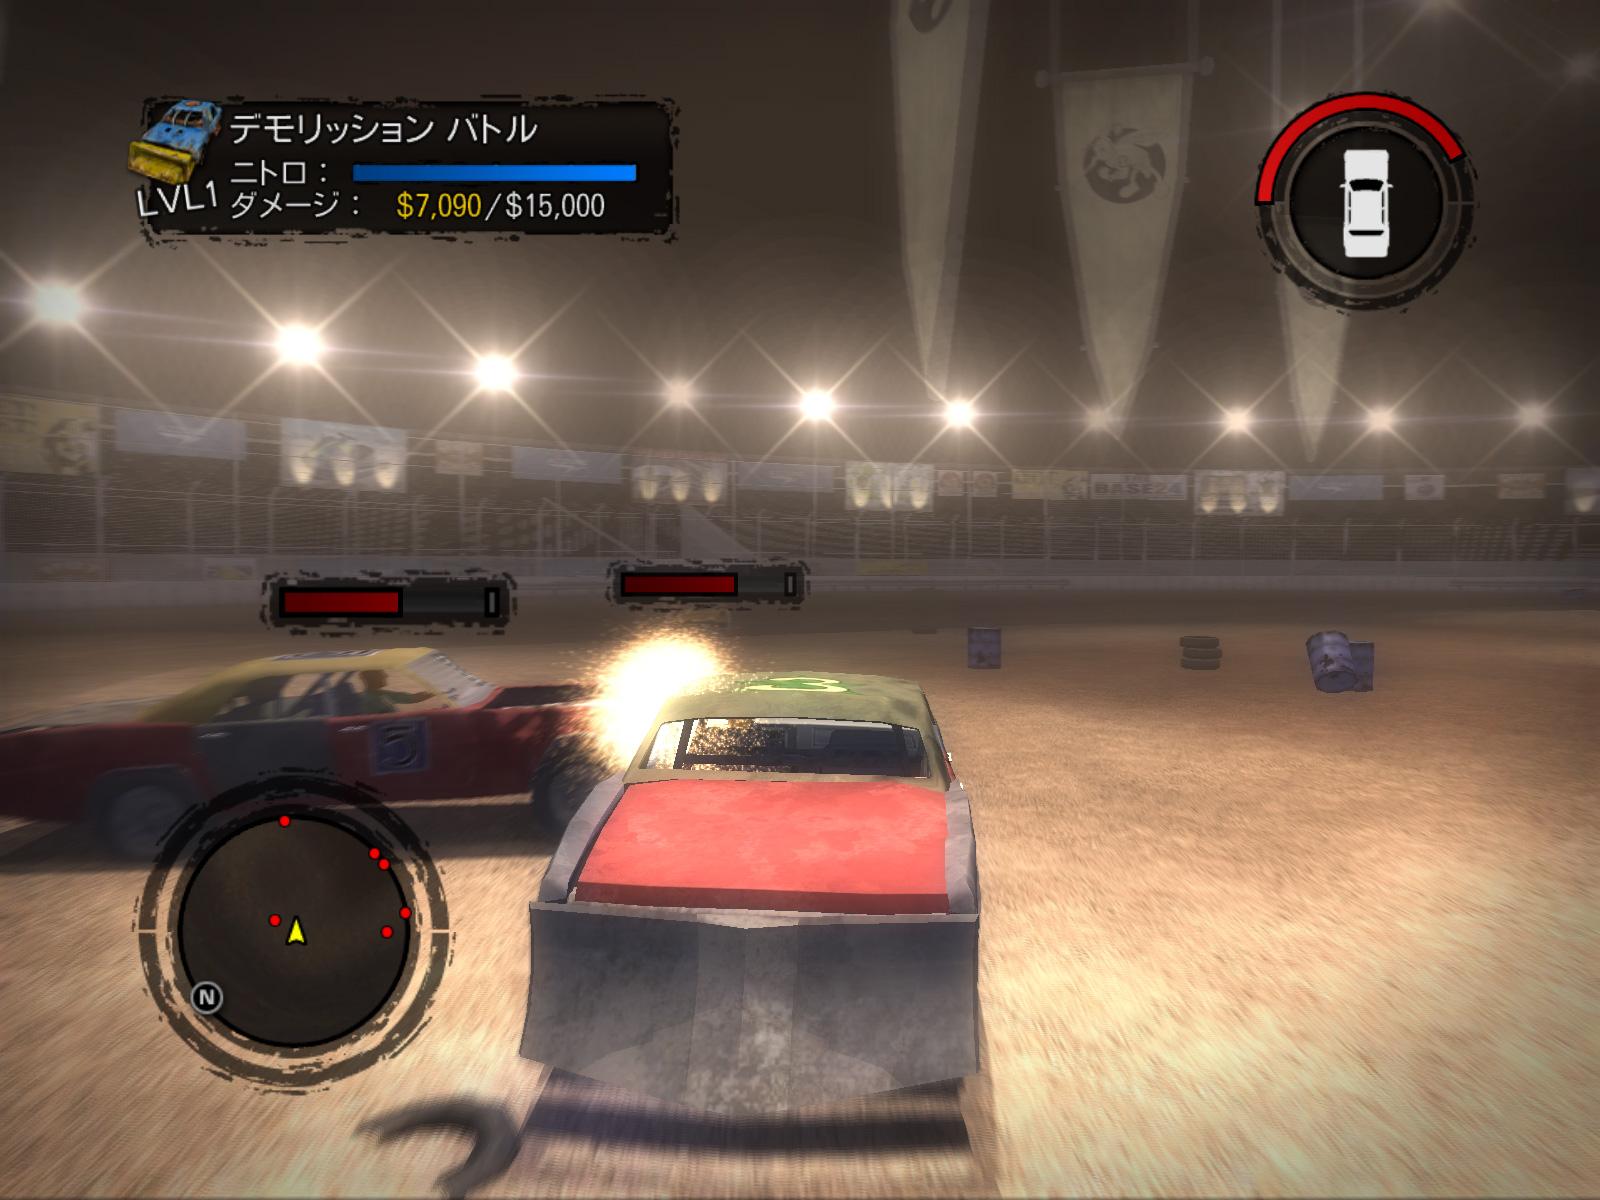 クレイジーすぎる犯罪行為で街を牛耳れ。PC版「セインツ・ロウ2 日本語版」のレビューを掲載クレイジーすぎる犯罪行為で街を牛耳れ。PC版「セインツ・ロウ2 日本語版」のレビューを掲載